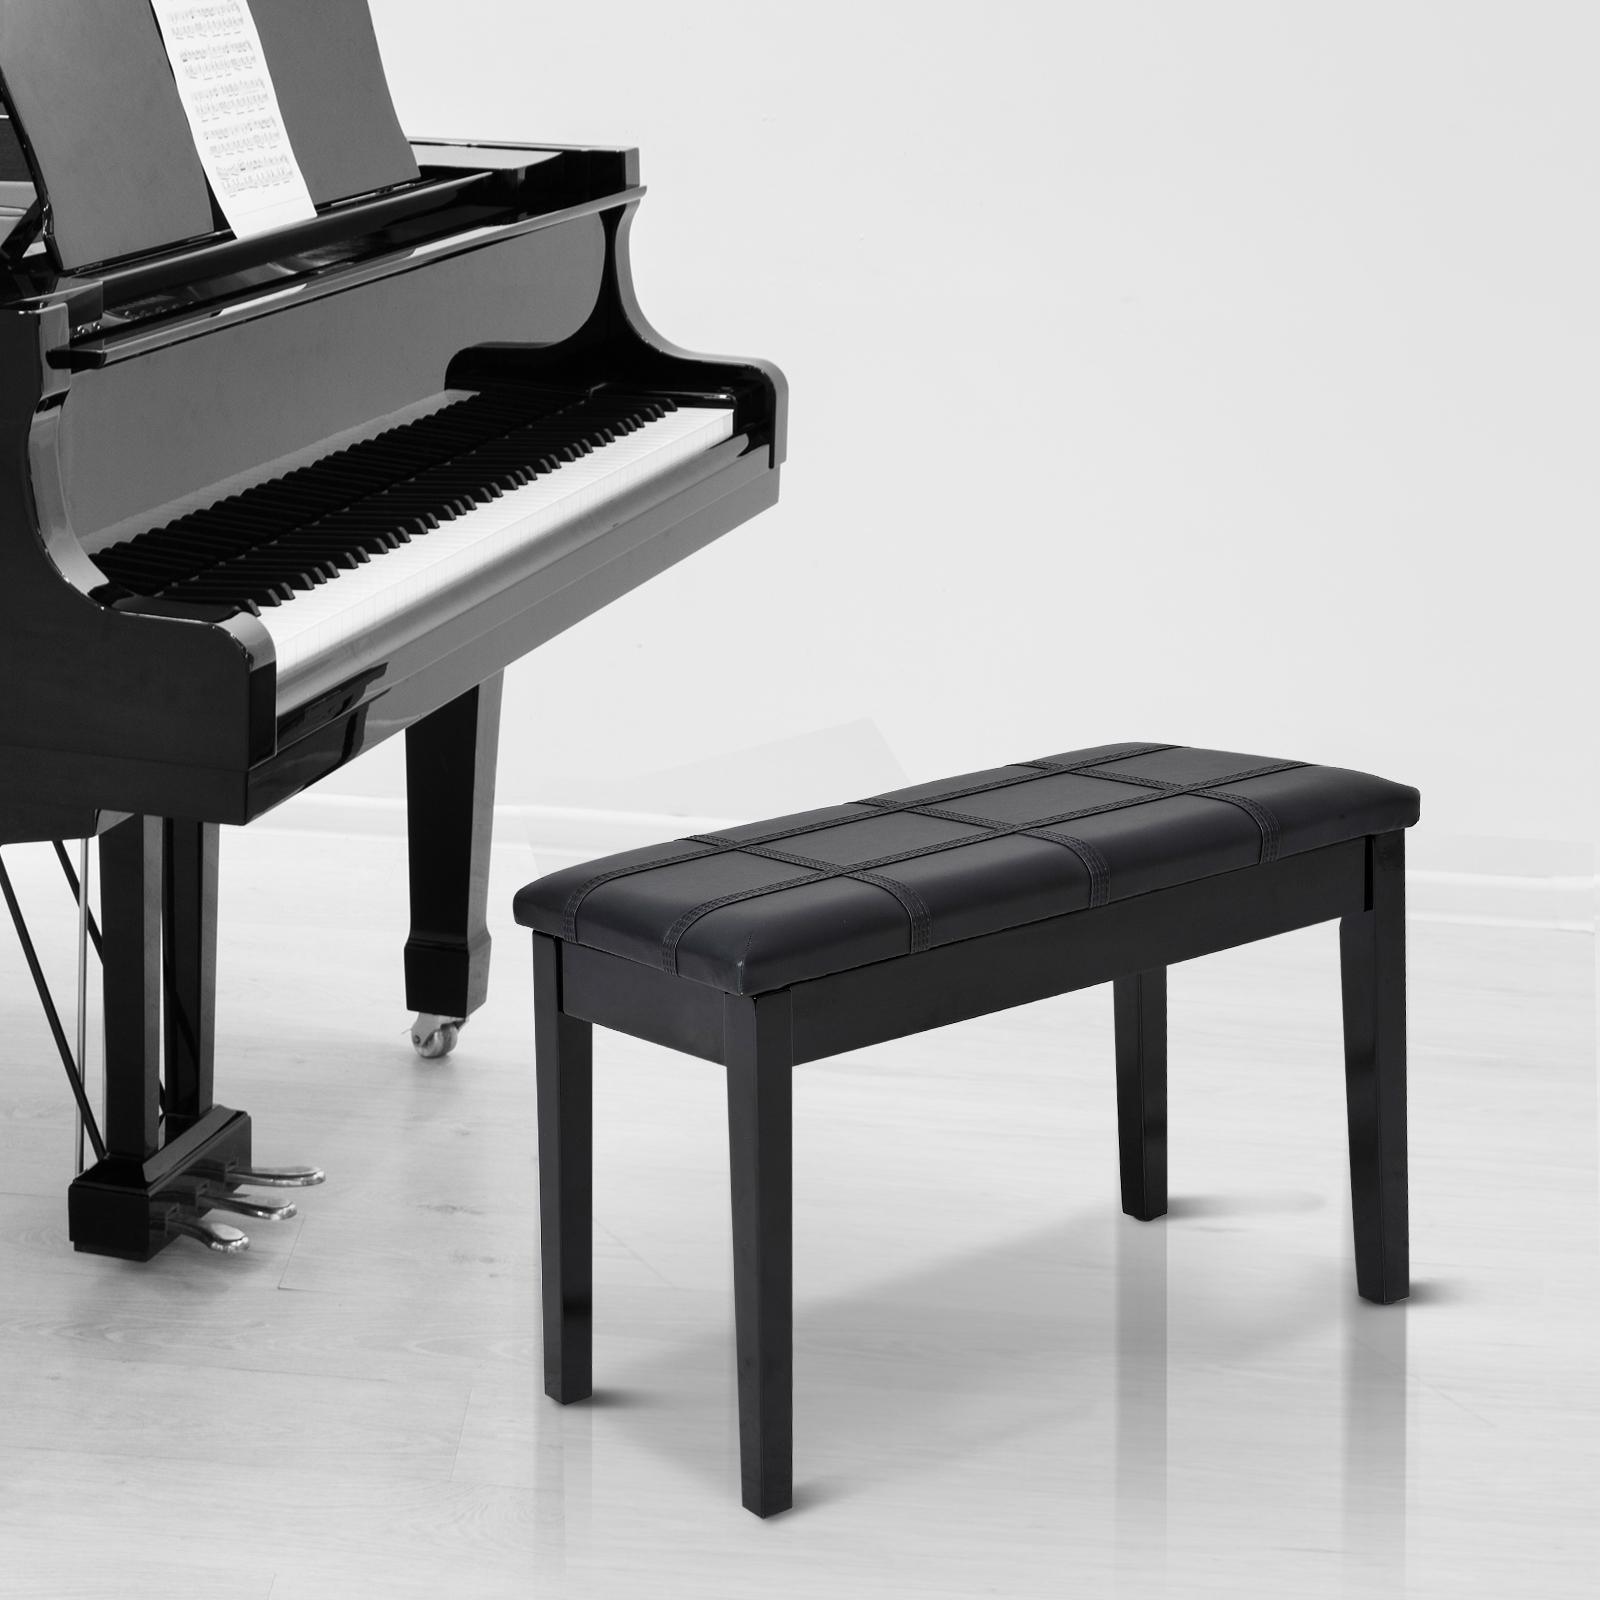 Panca-Sgabello-per-Pianoforte-con-Vano-Portaoggetti-Portata-140kg miniatura 12